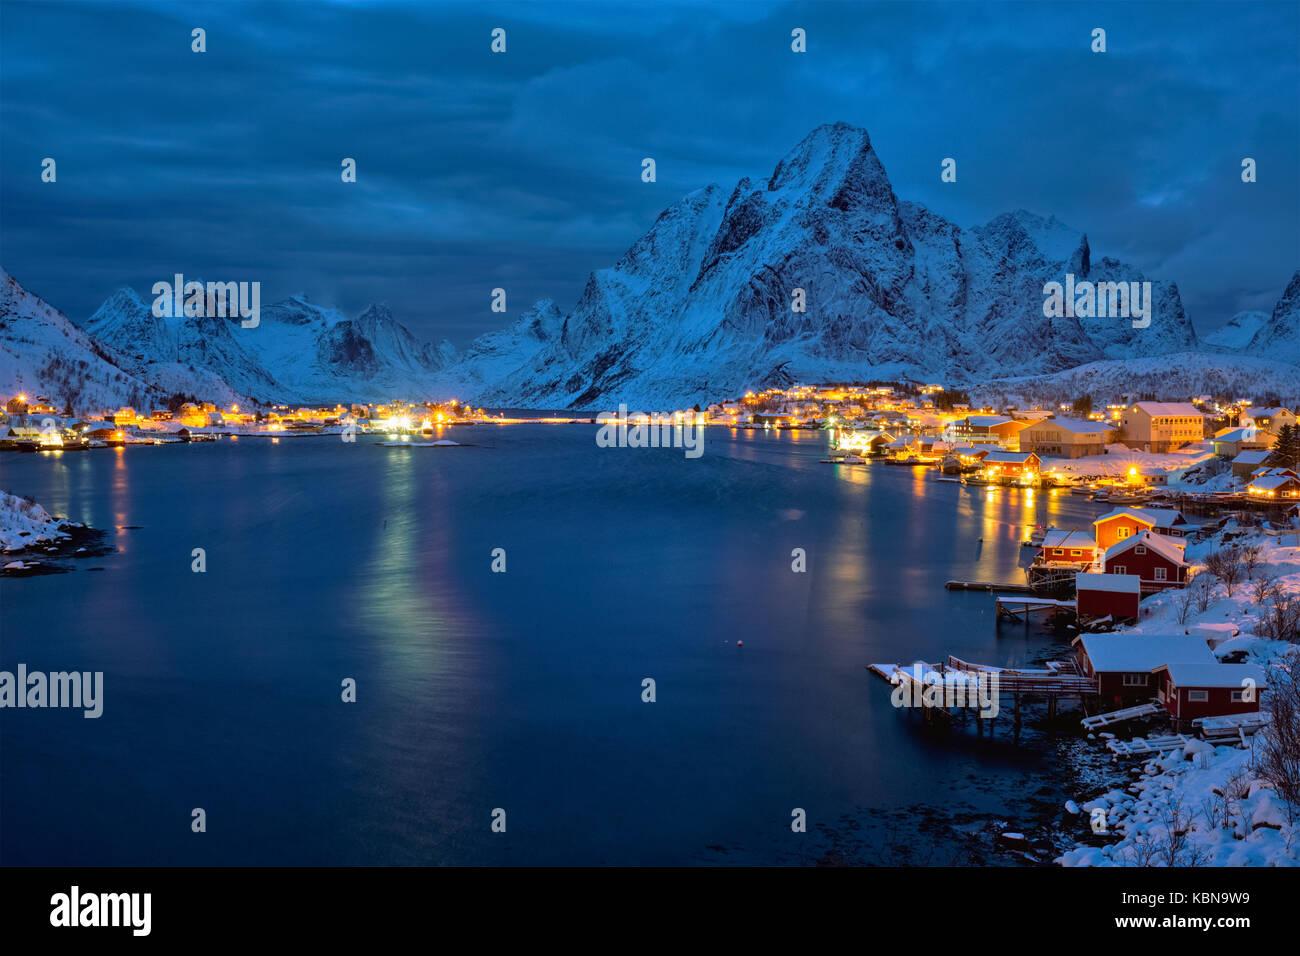 Reine Dorf in der Nacht. Lofoten, Norwegen Stockbild